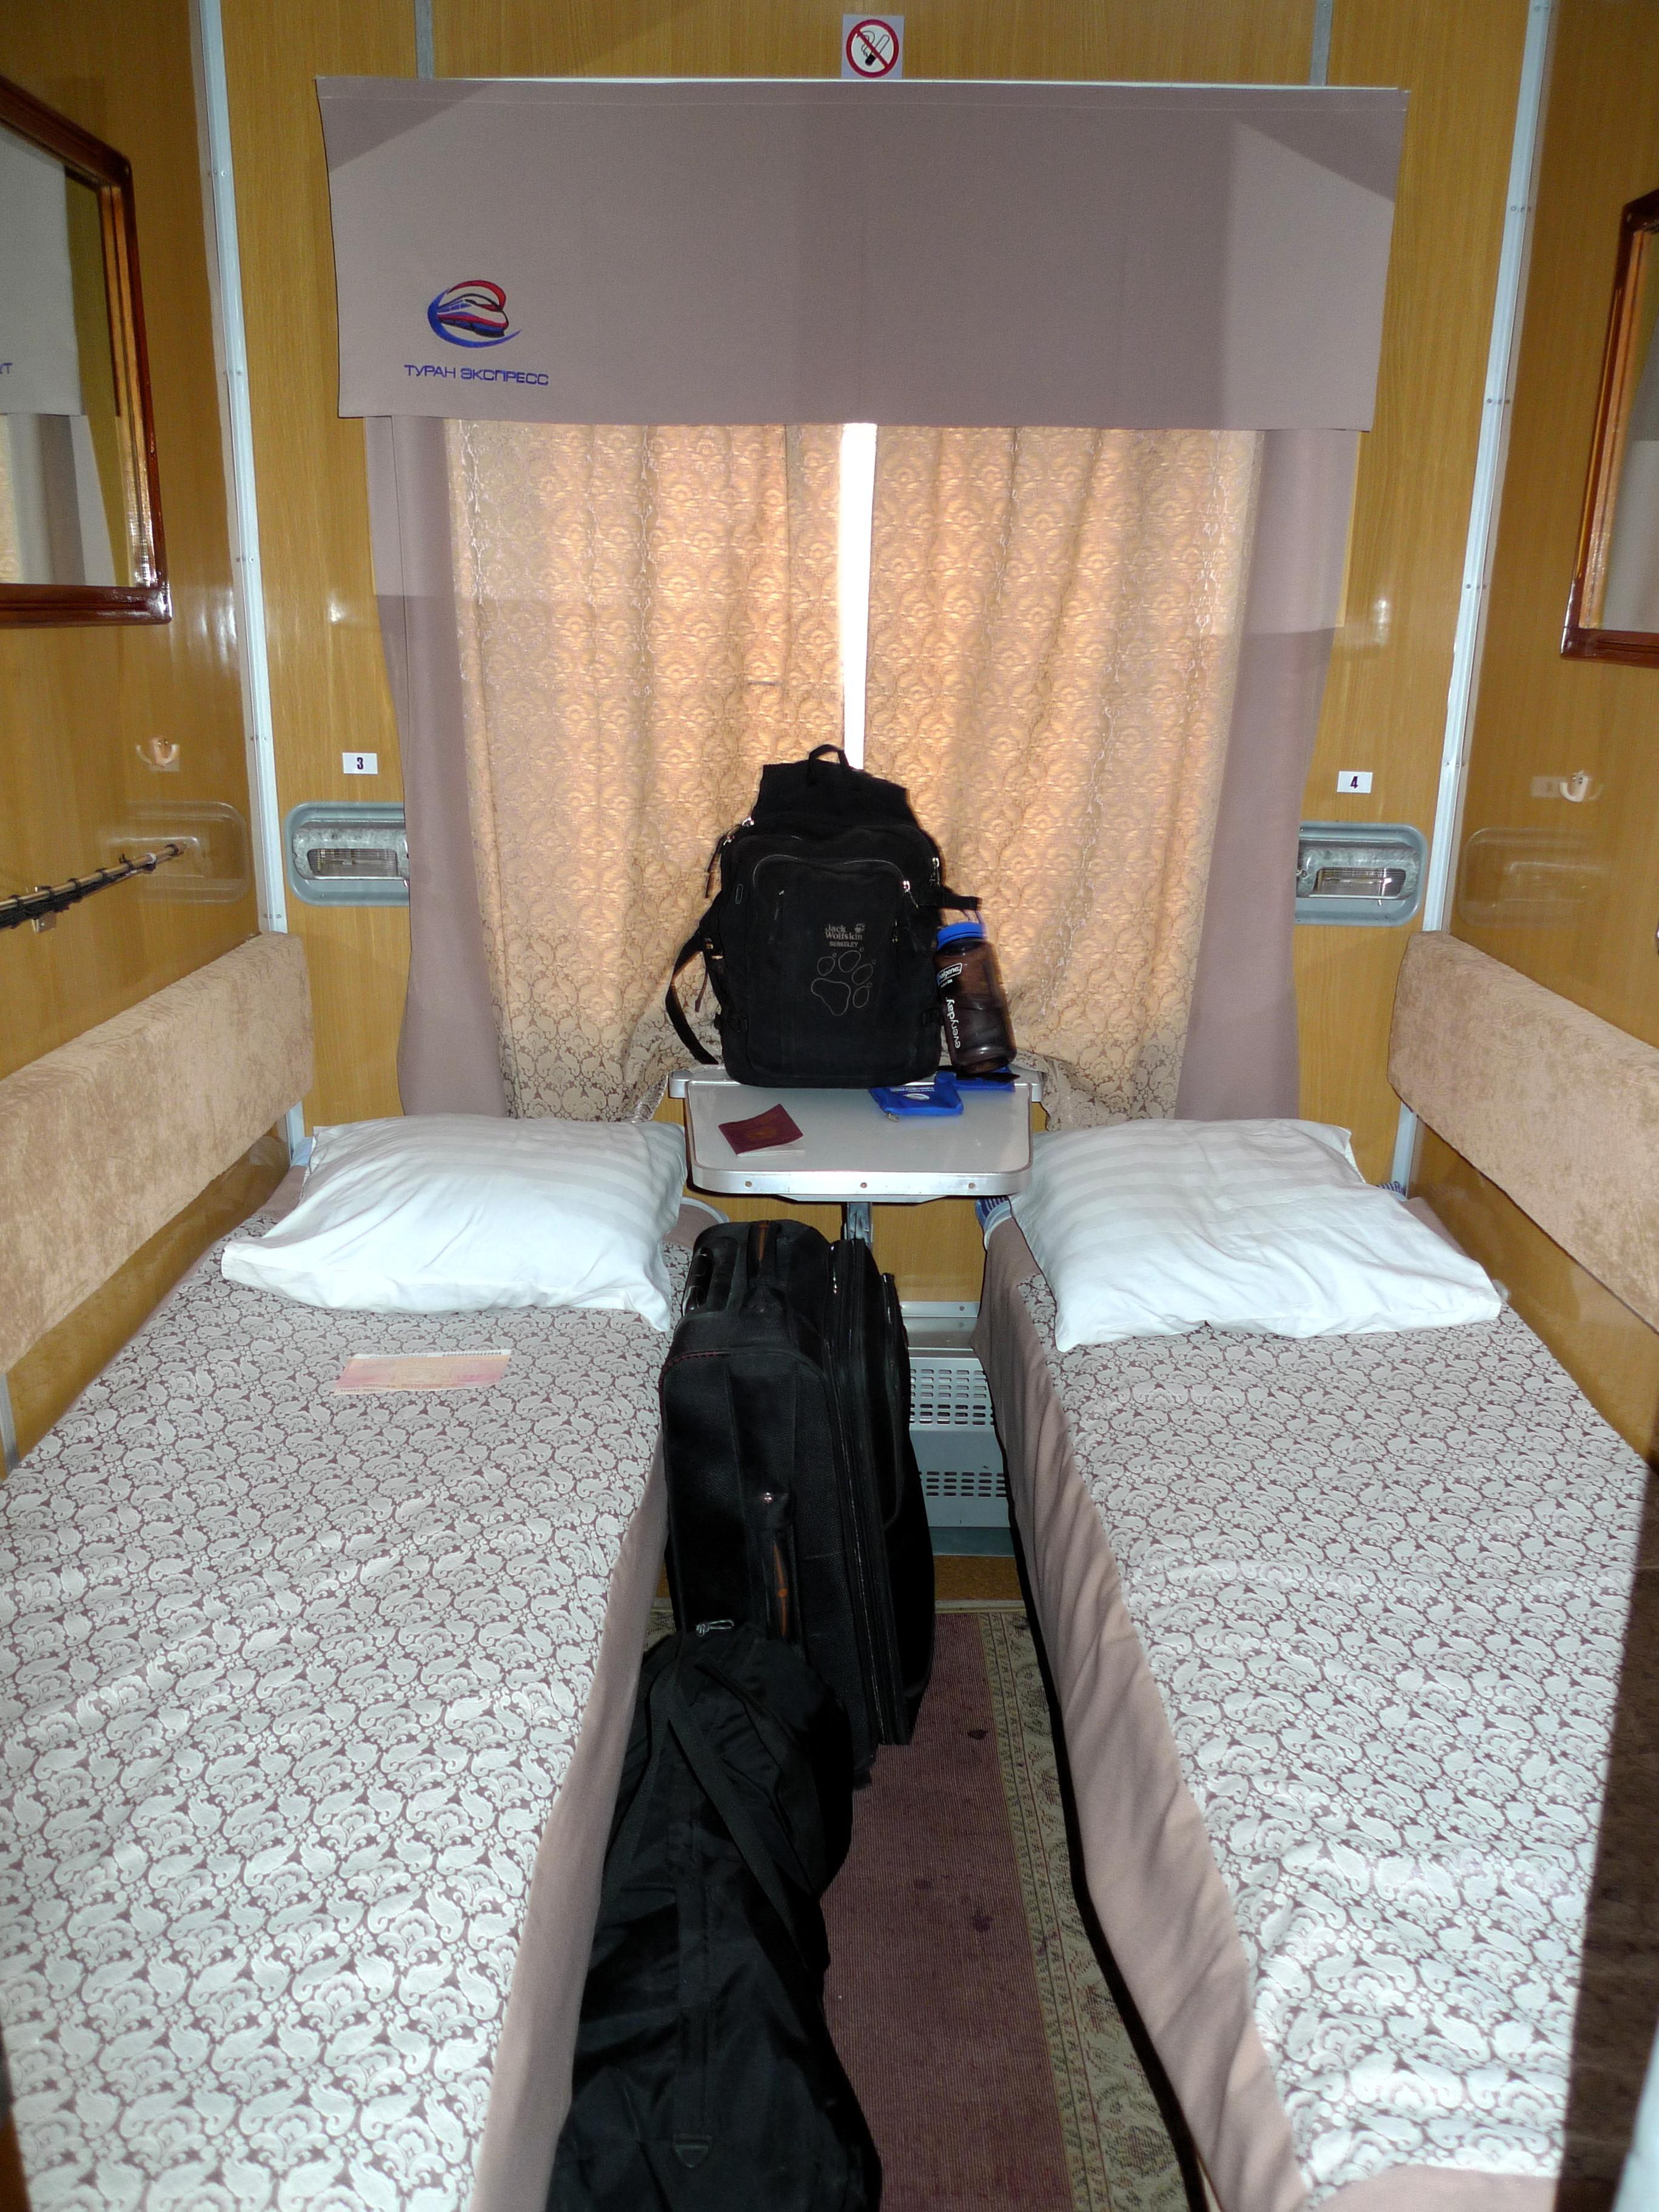 Vagone Letto.Il Vagone Letto Del Treno Kazako Marcopolo2012